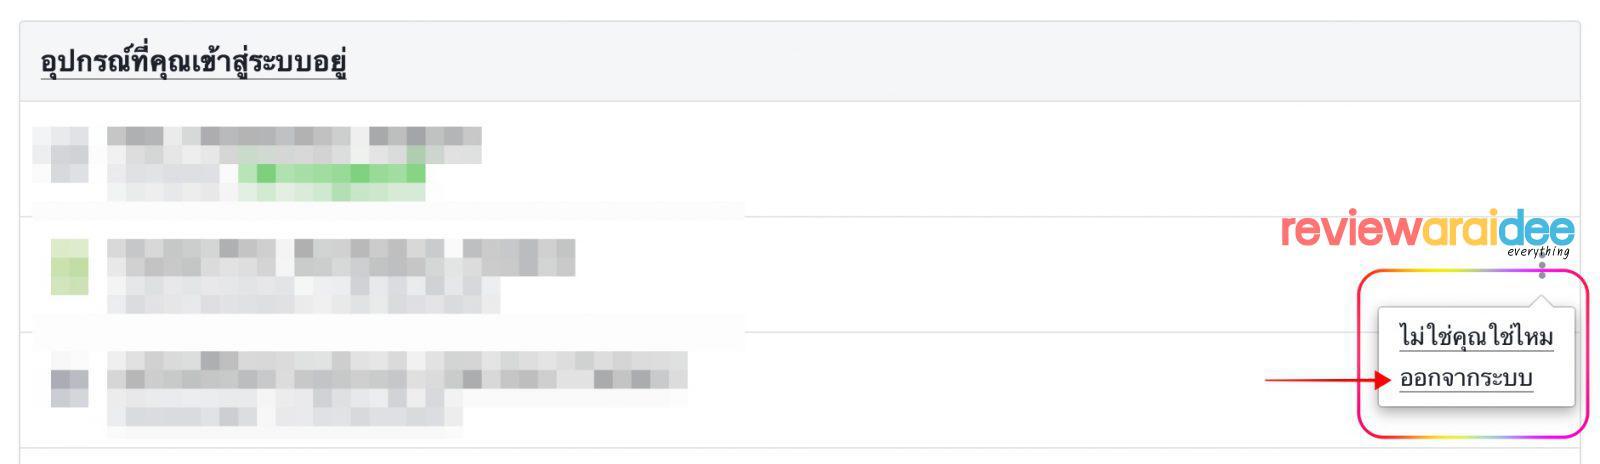 วิธียืนยันตัวตนแบบสองชั้น facebook (เฟซบุ๊ก) (Two-Factor Authentication) ด้วยข้อความ SMS